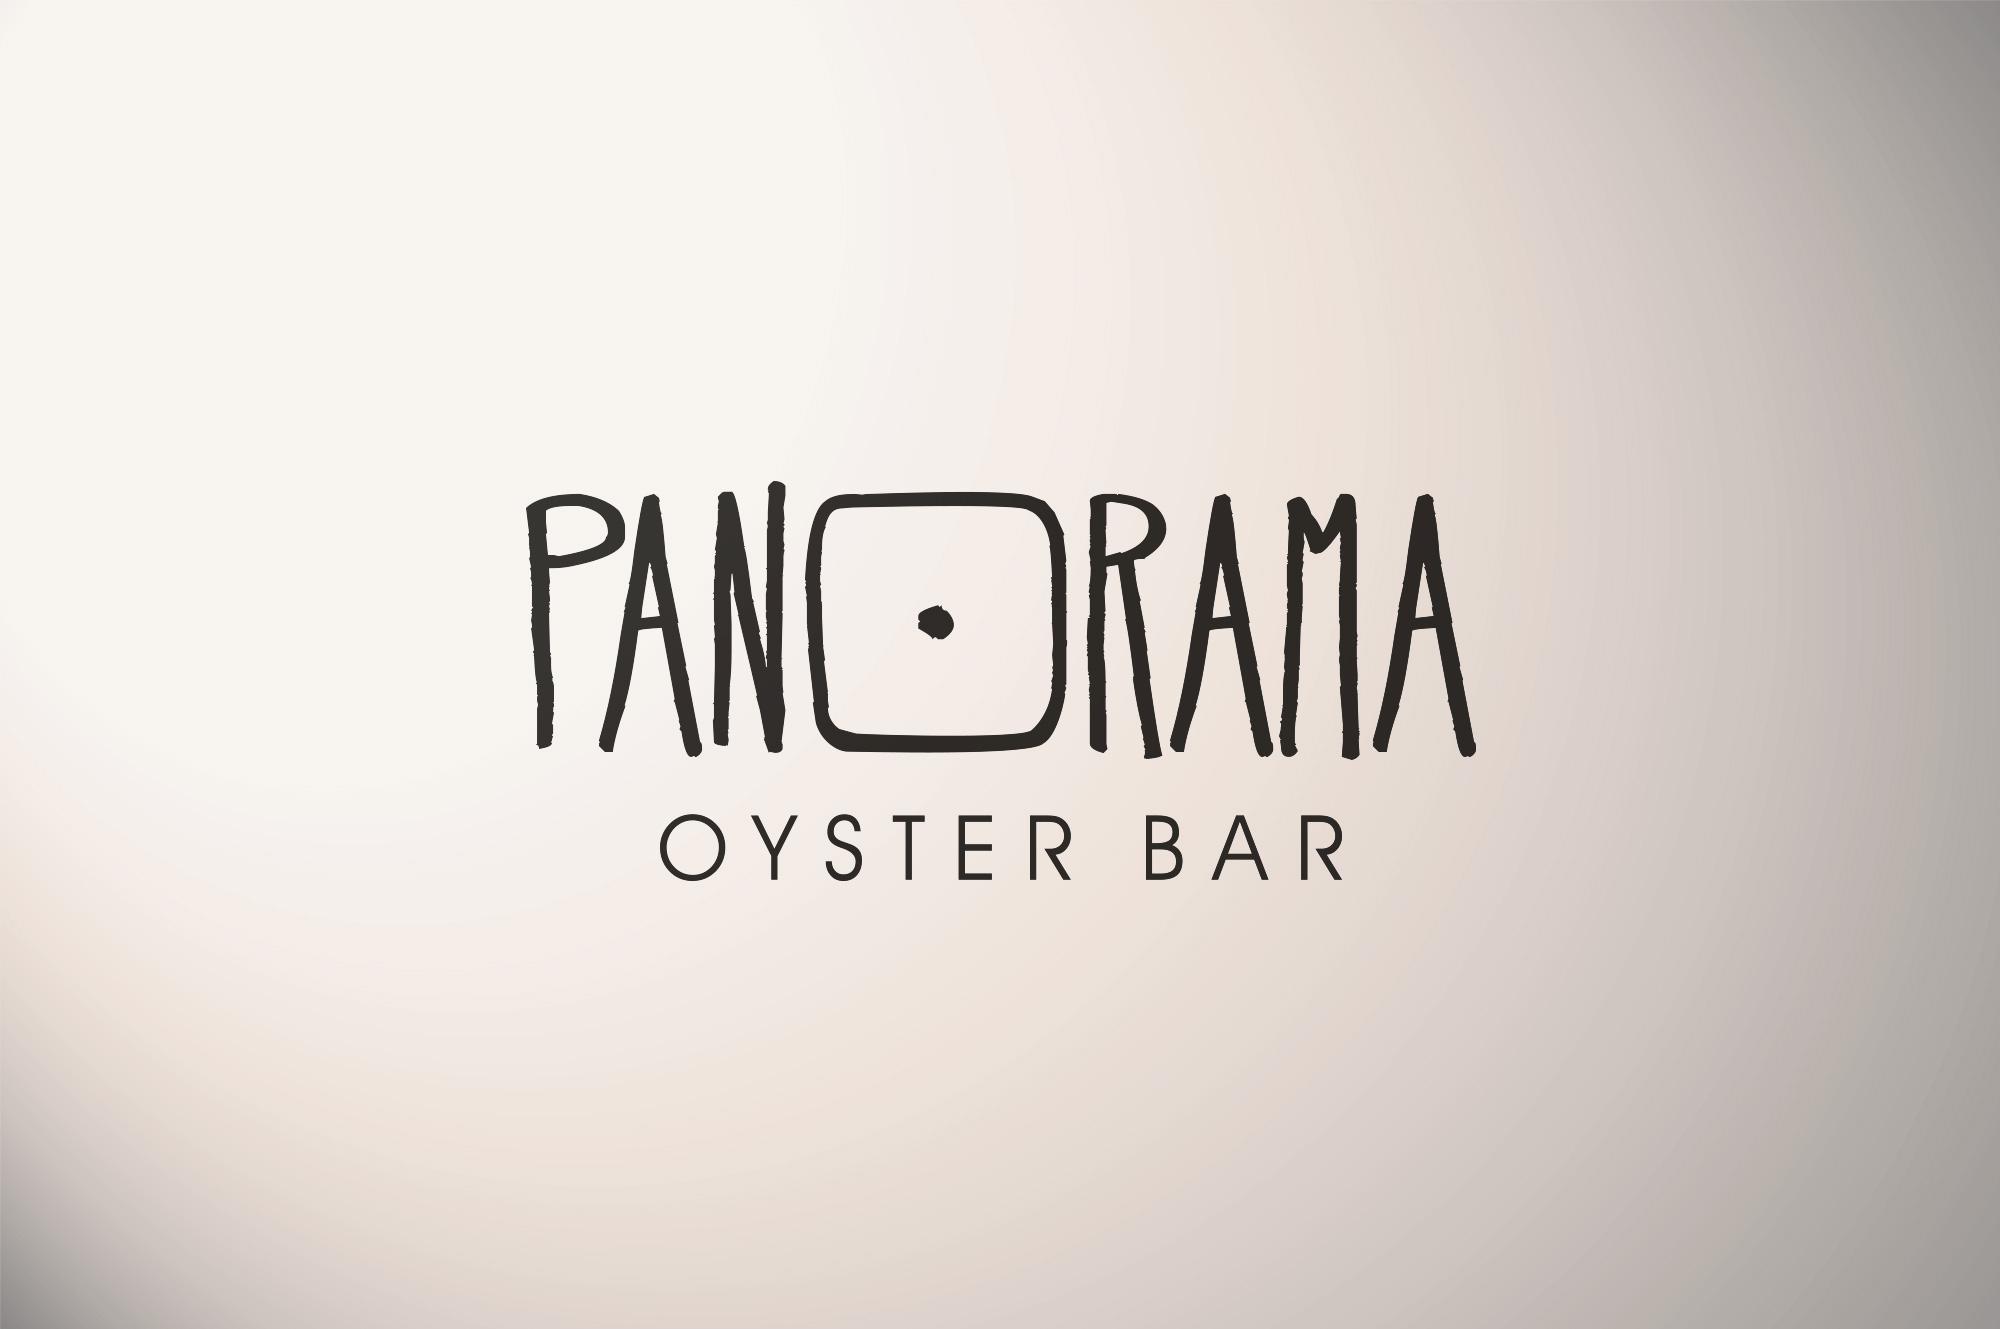 PANORAMA-05-LIGHT